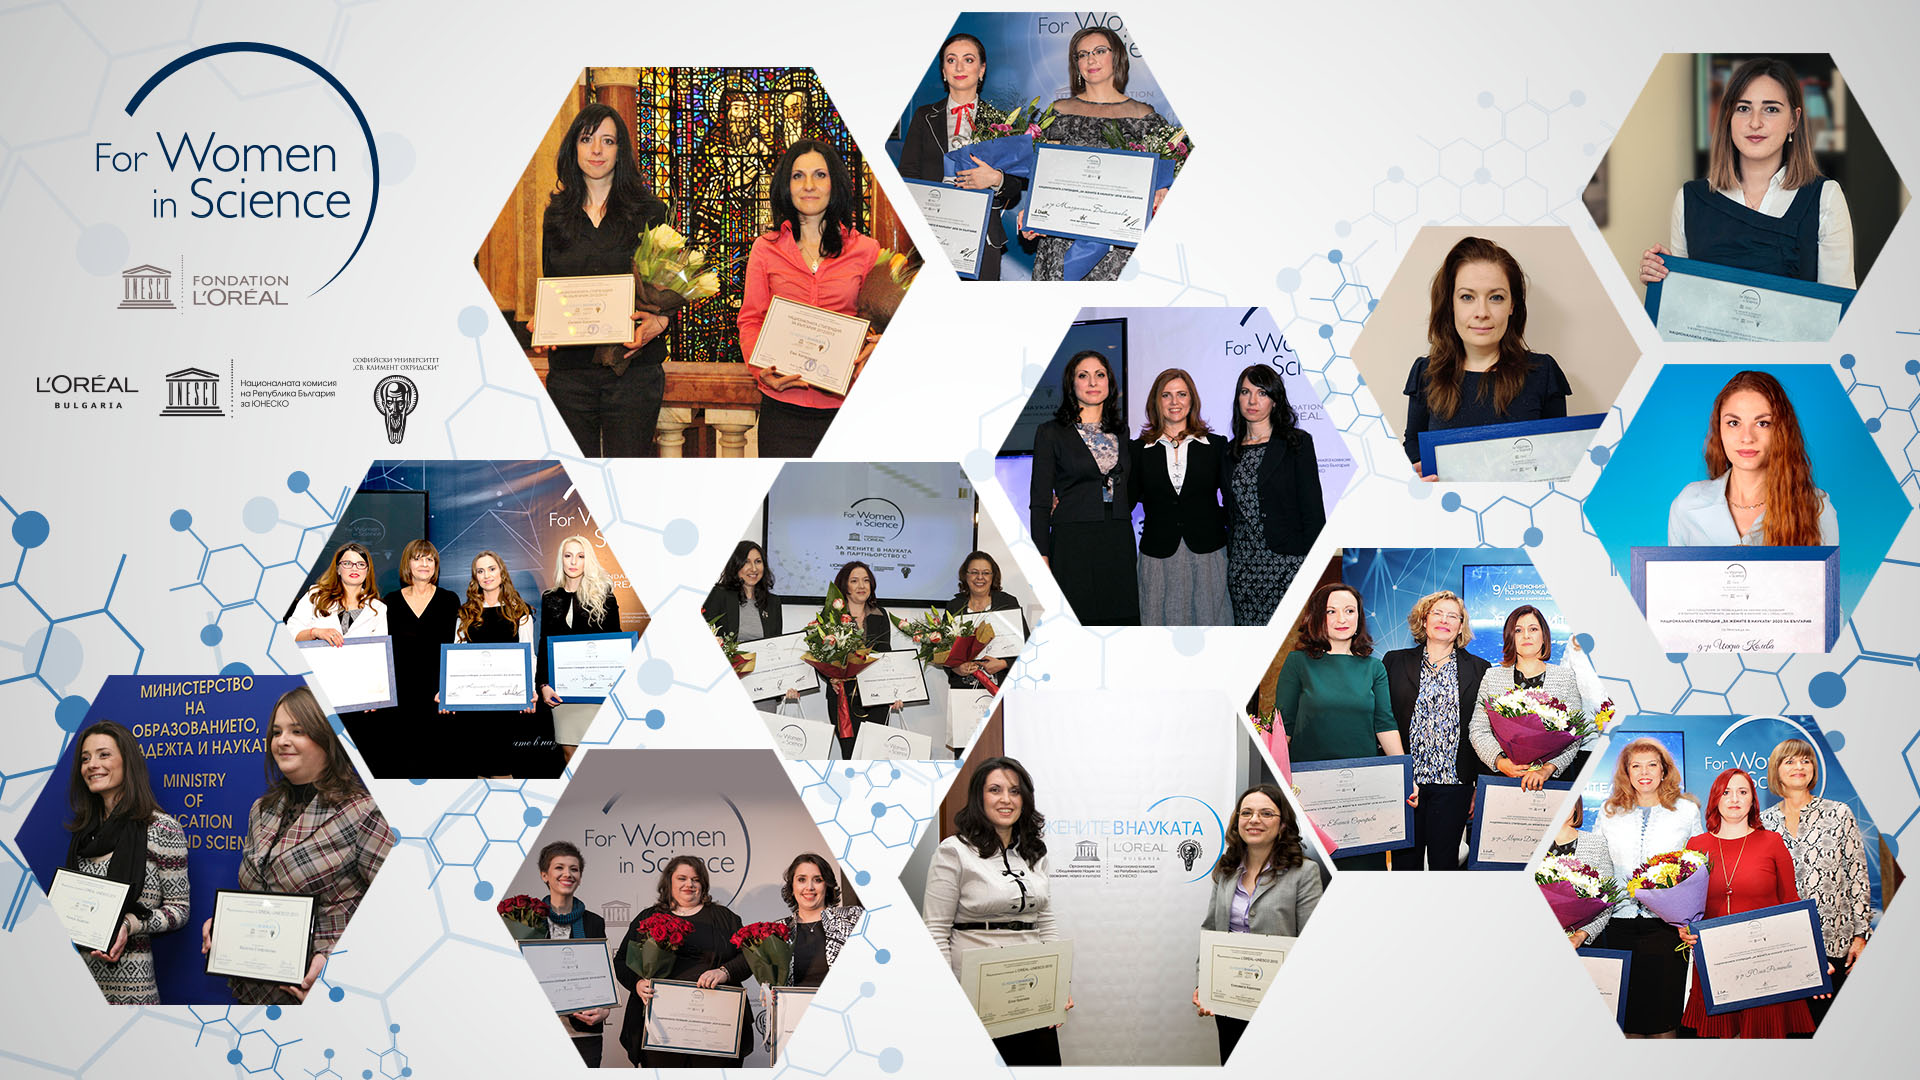 """Българките учени могат да кандидатстват за престижните награди """"За жените в науката"""" от 5000 евро до 31 май 137"""